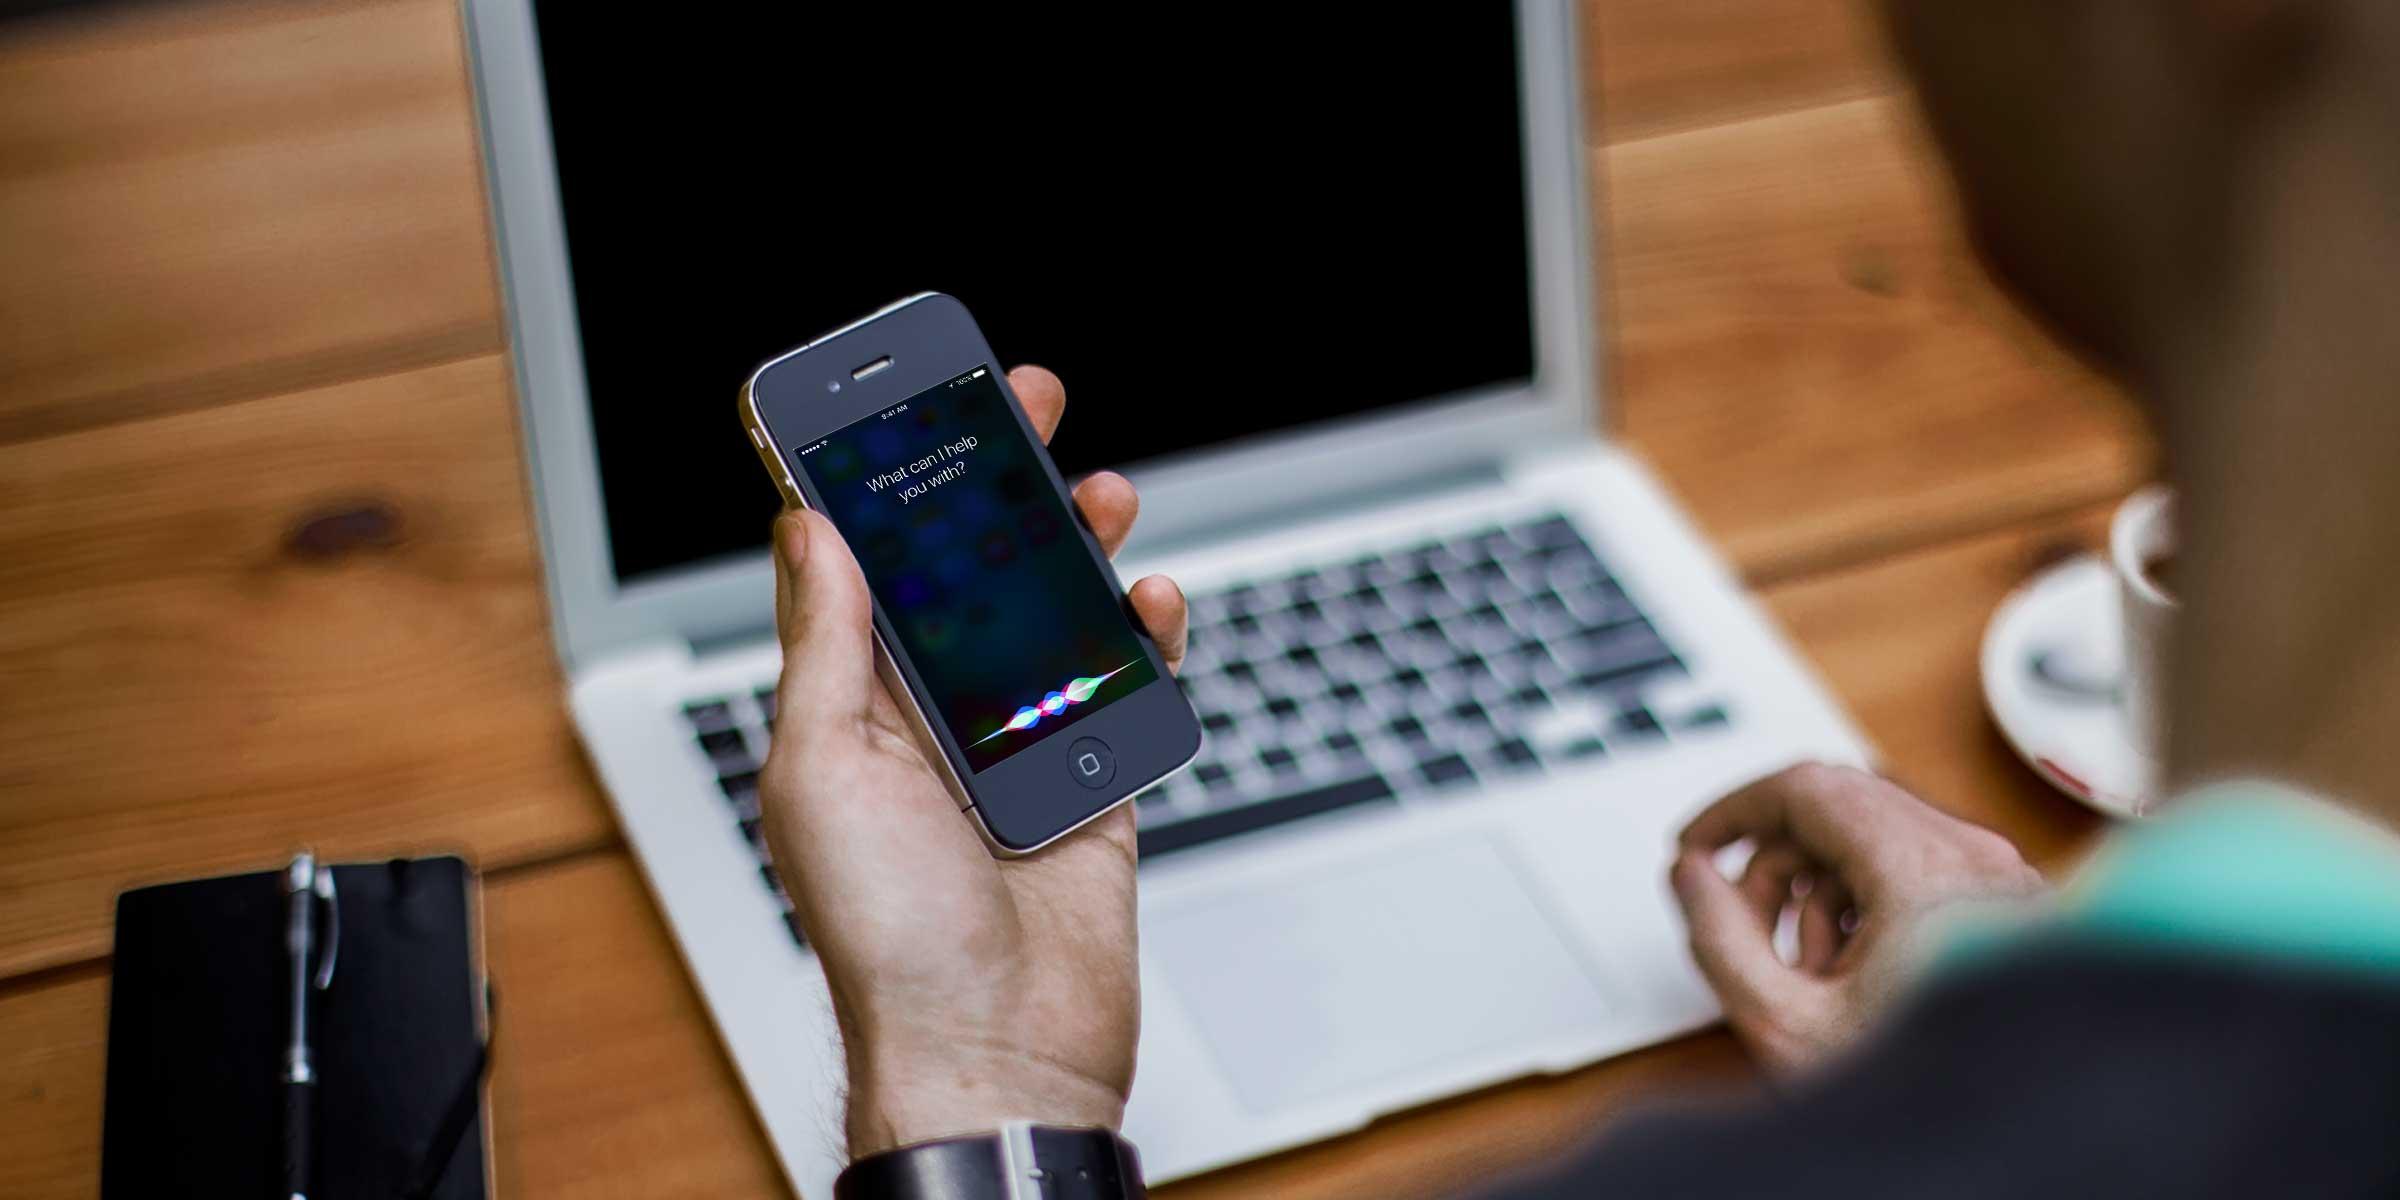 siri - Apple : Siri parle 21 langues, un réel avantage sur la concurrence